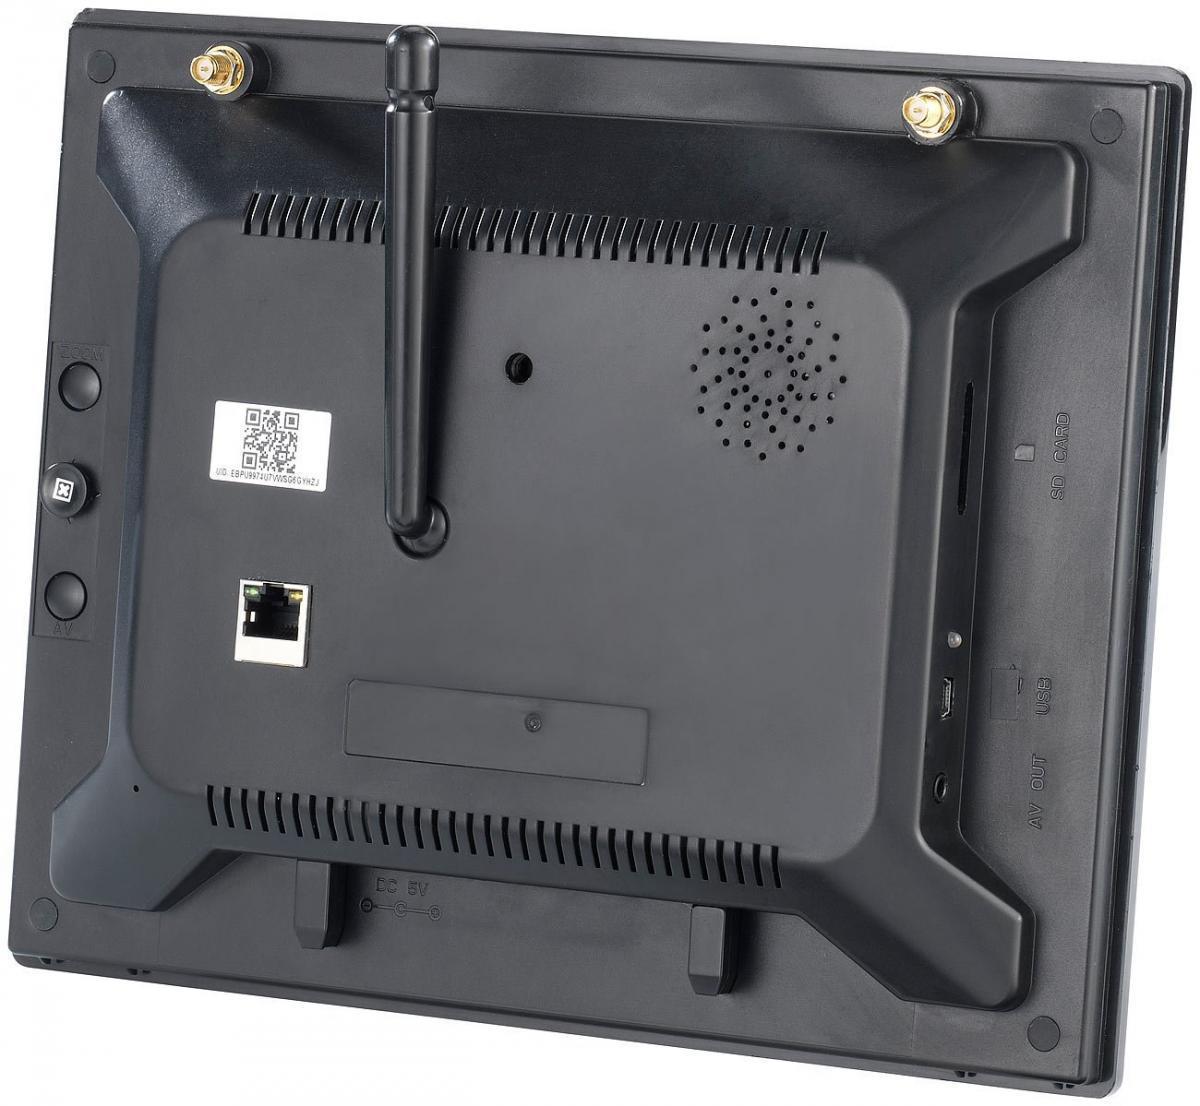 Bild 5 von VisorTech Überwachungsset Monitor + 1x Kamera